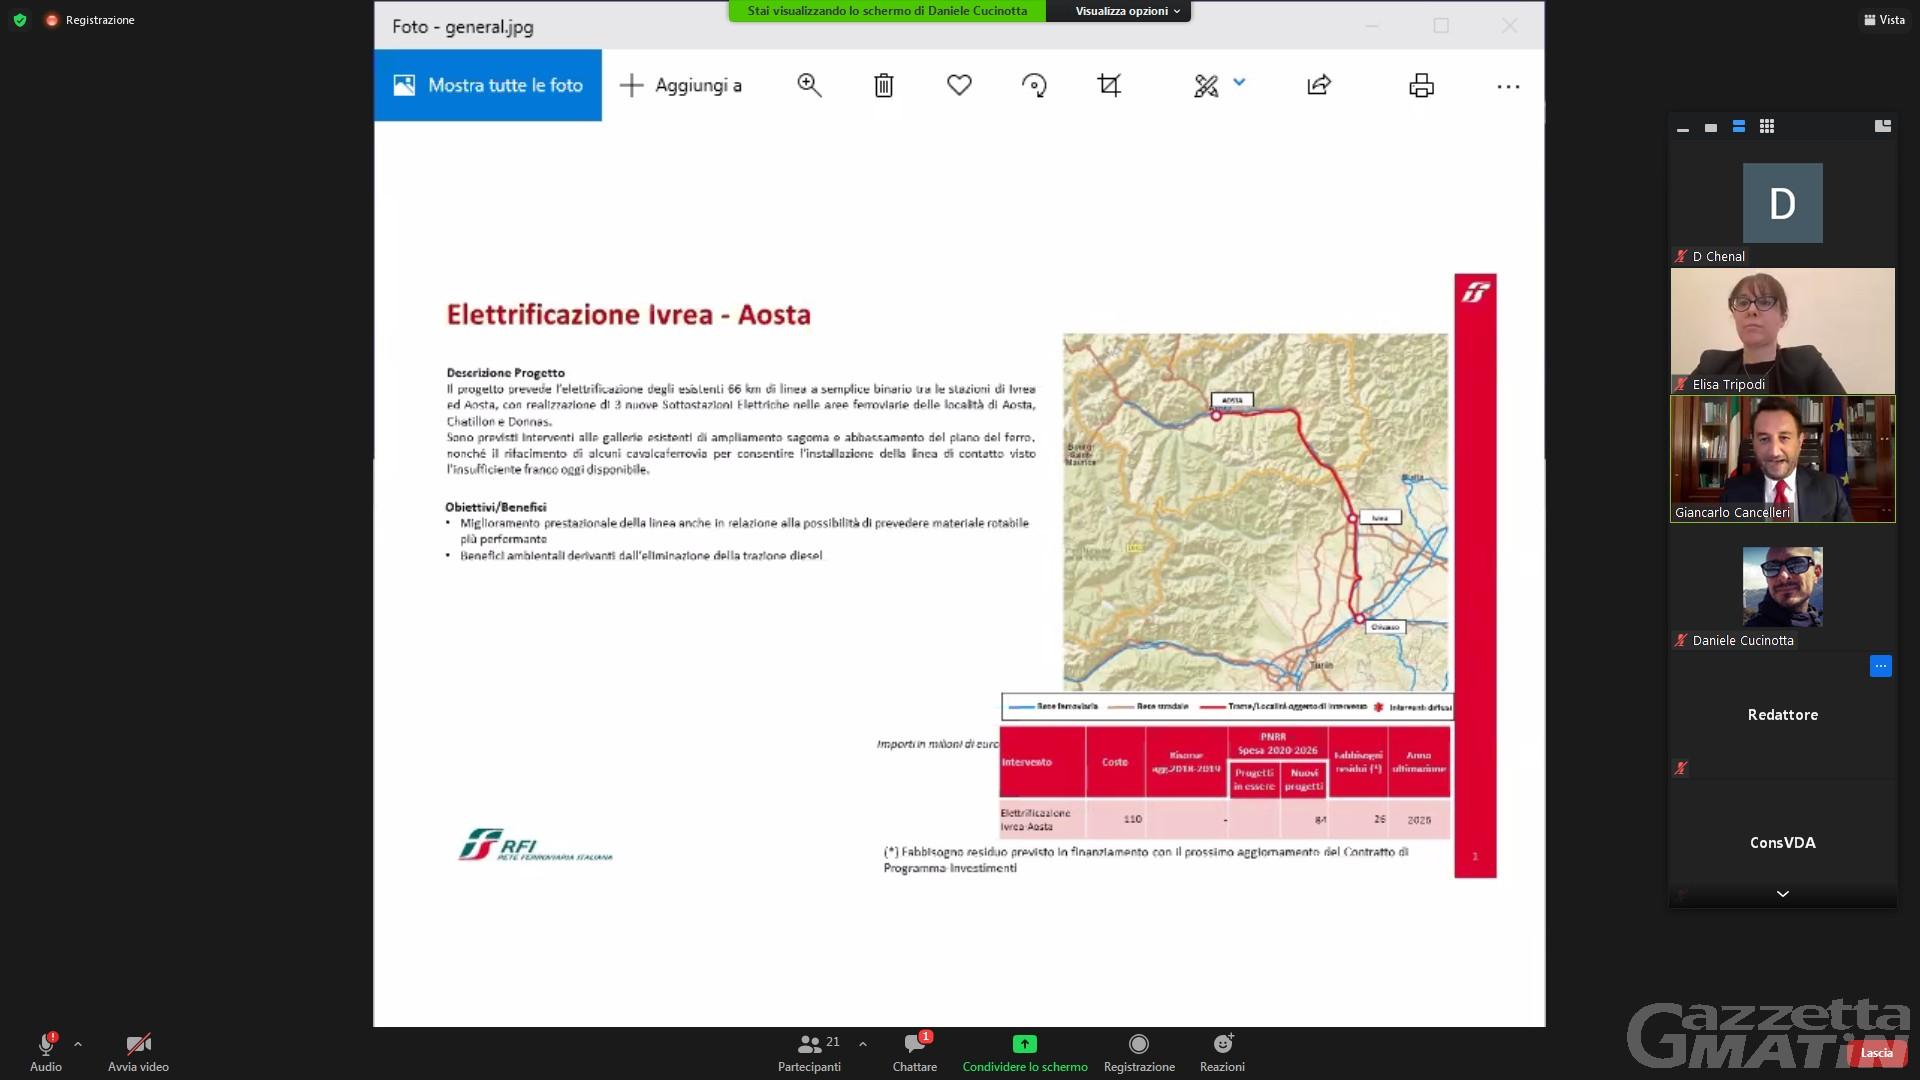 Ferrovia: via libera dallo Stato ai 110 milioni per l'elettrificazione della linea Aosta-Ivrea